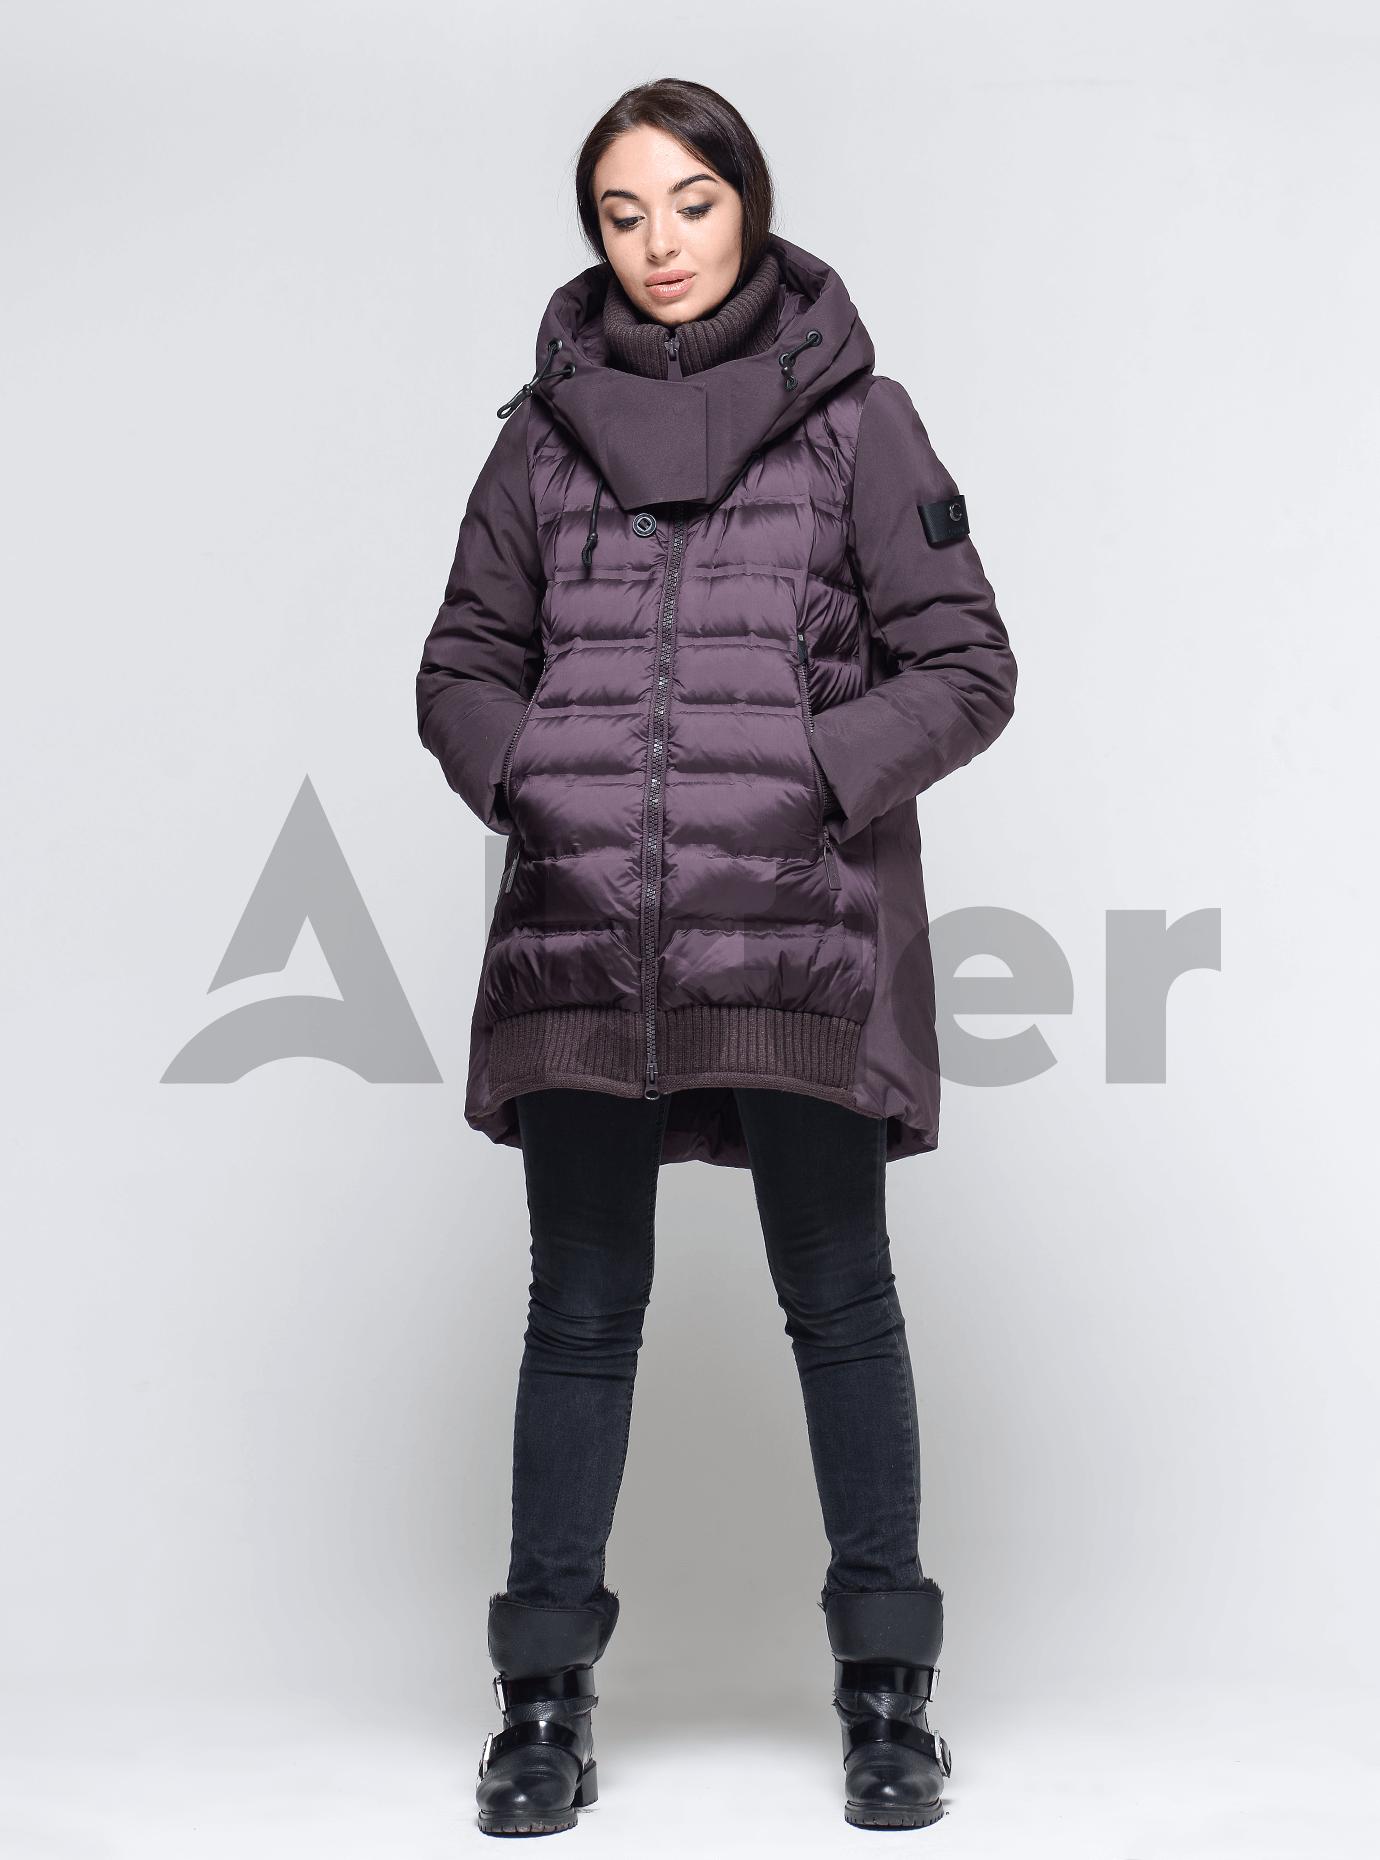 Пуховик женский с натуральным пухом Сливовый XL (01-9050): фото - Alster.ua